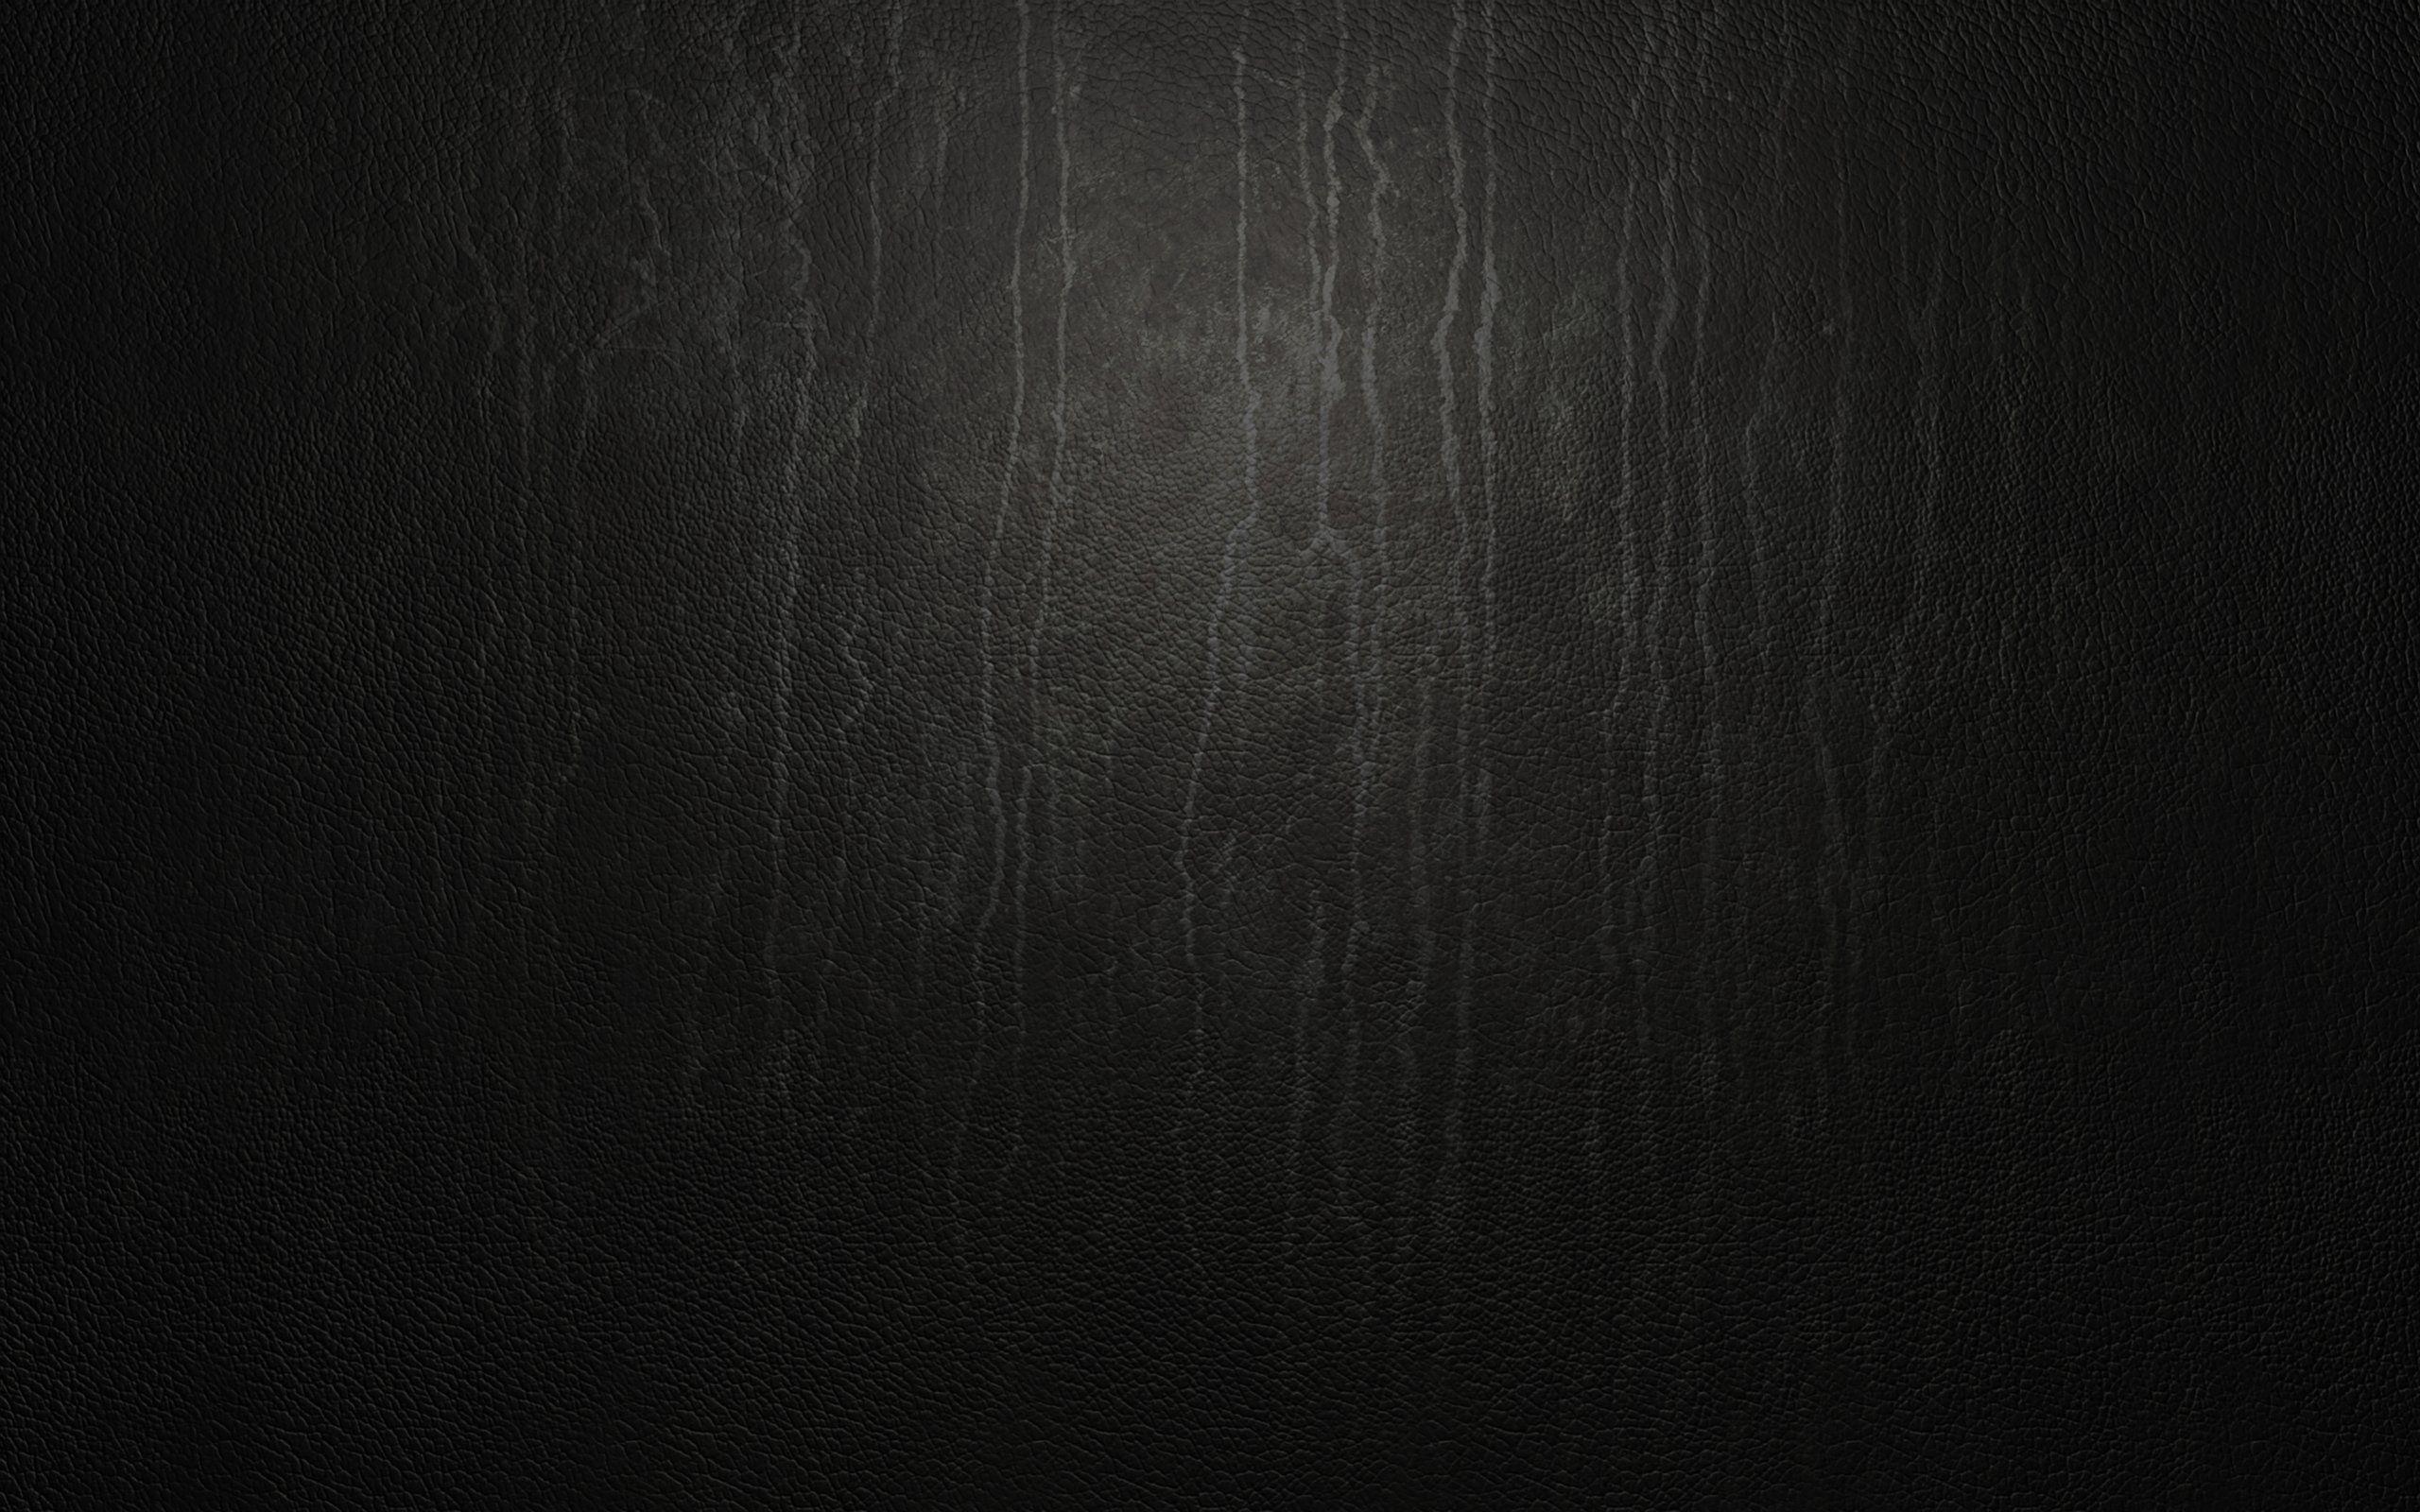 Leather Minimalistic Dark 2560x1600 Wallpaper Black Hd Wallpaper Black Wallpaper Textured Wallpaper